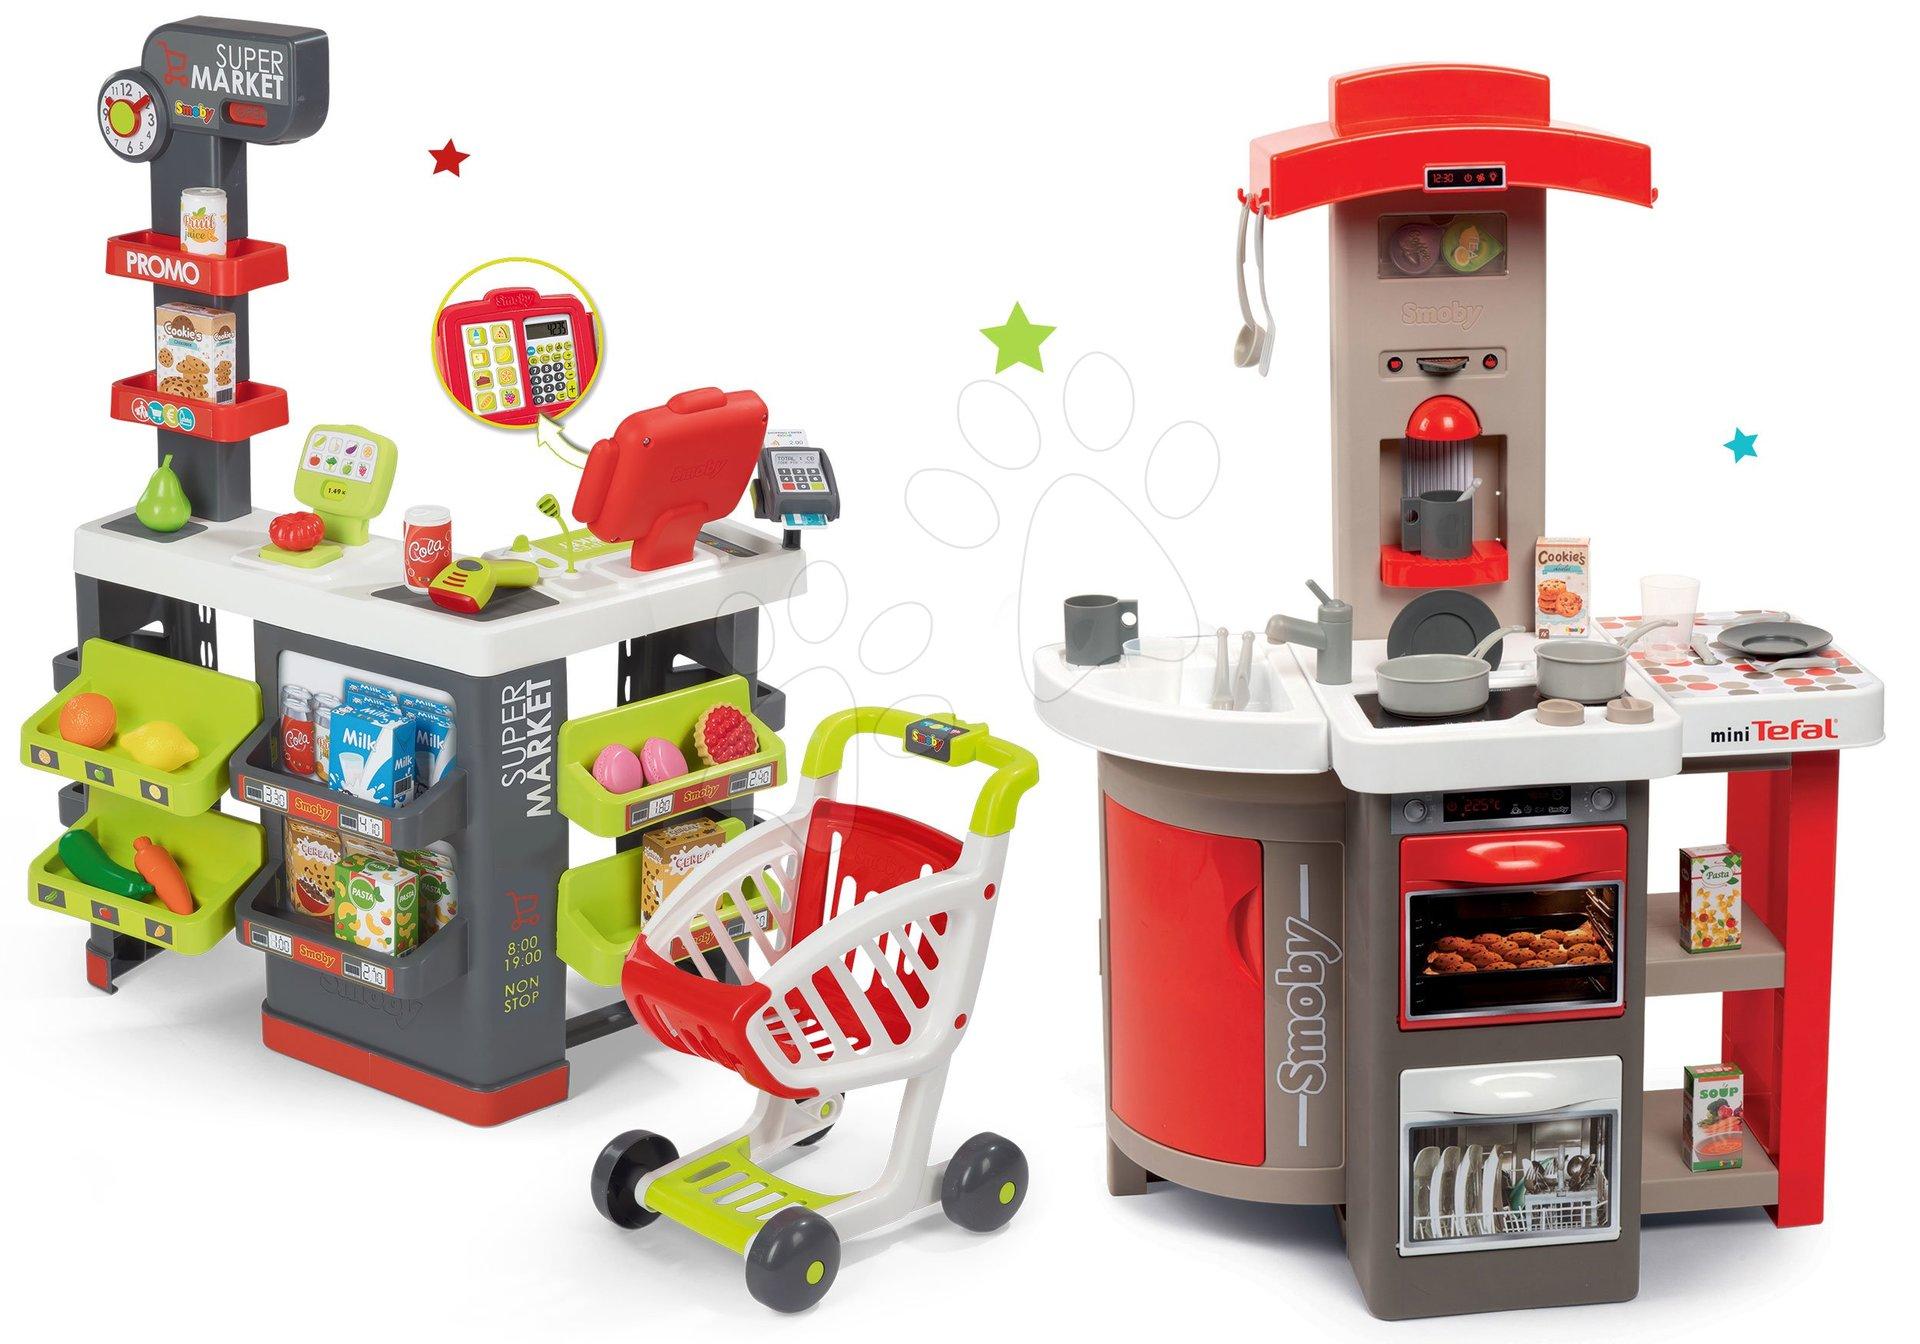 Set kuchyňka skládací Tefal Opencook Smoby červená s kávovarem a chladničkou a obchod Supermarket s elektronickou pokladnou